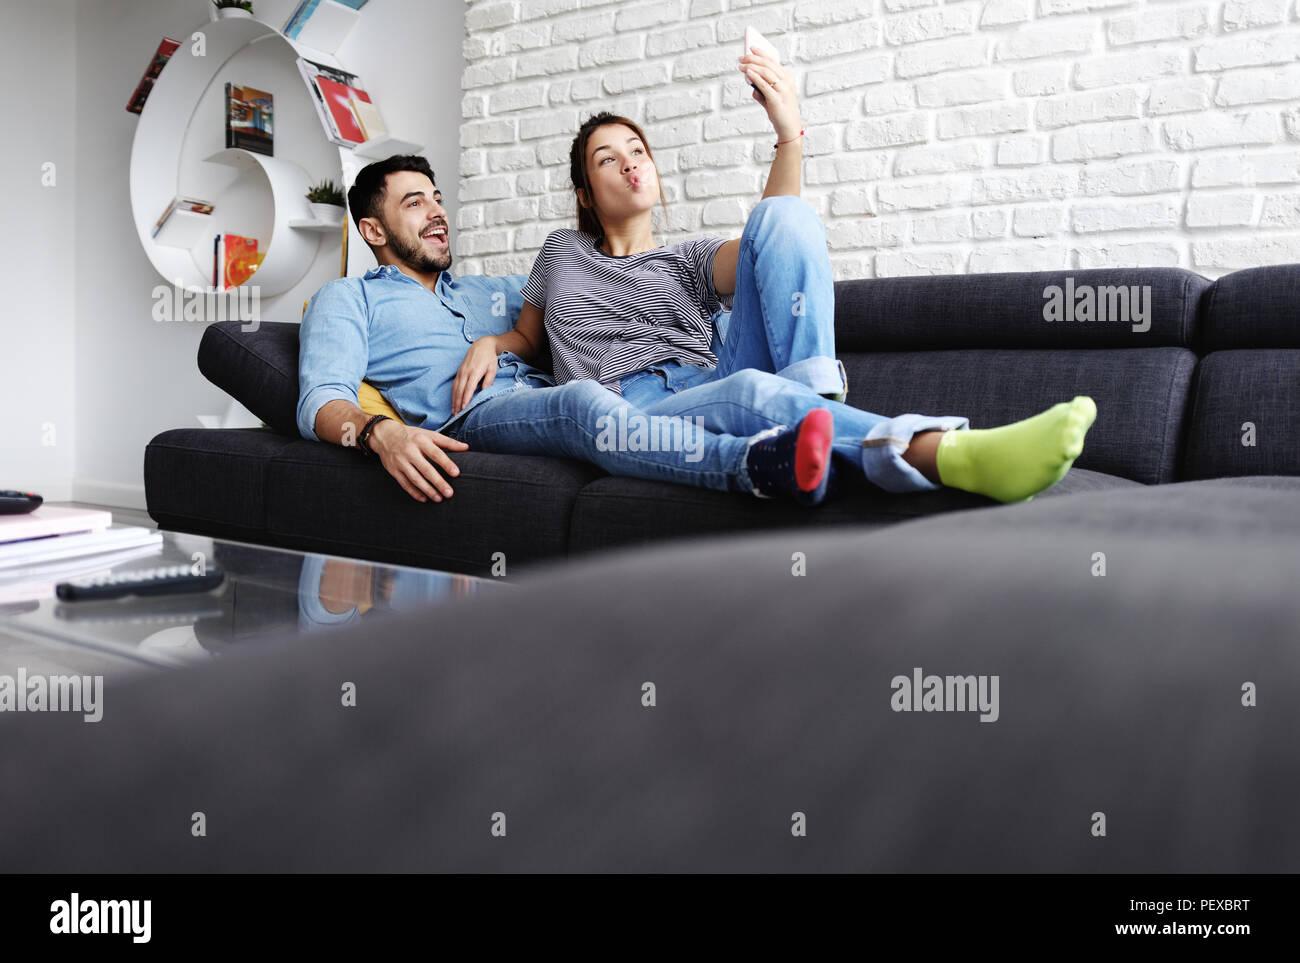 Pareja joven teniendo Selfie en sofá en casa Imagen De Stock